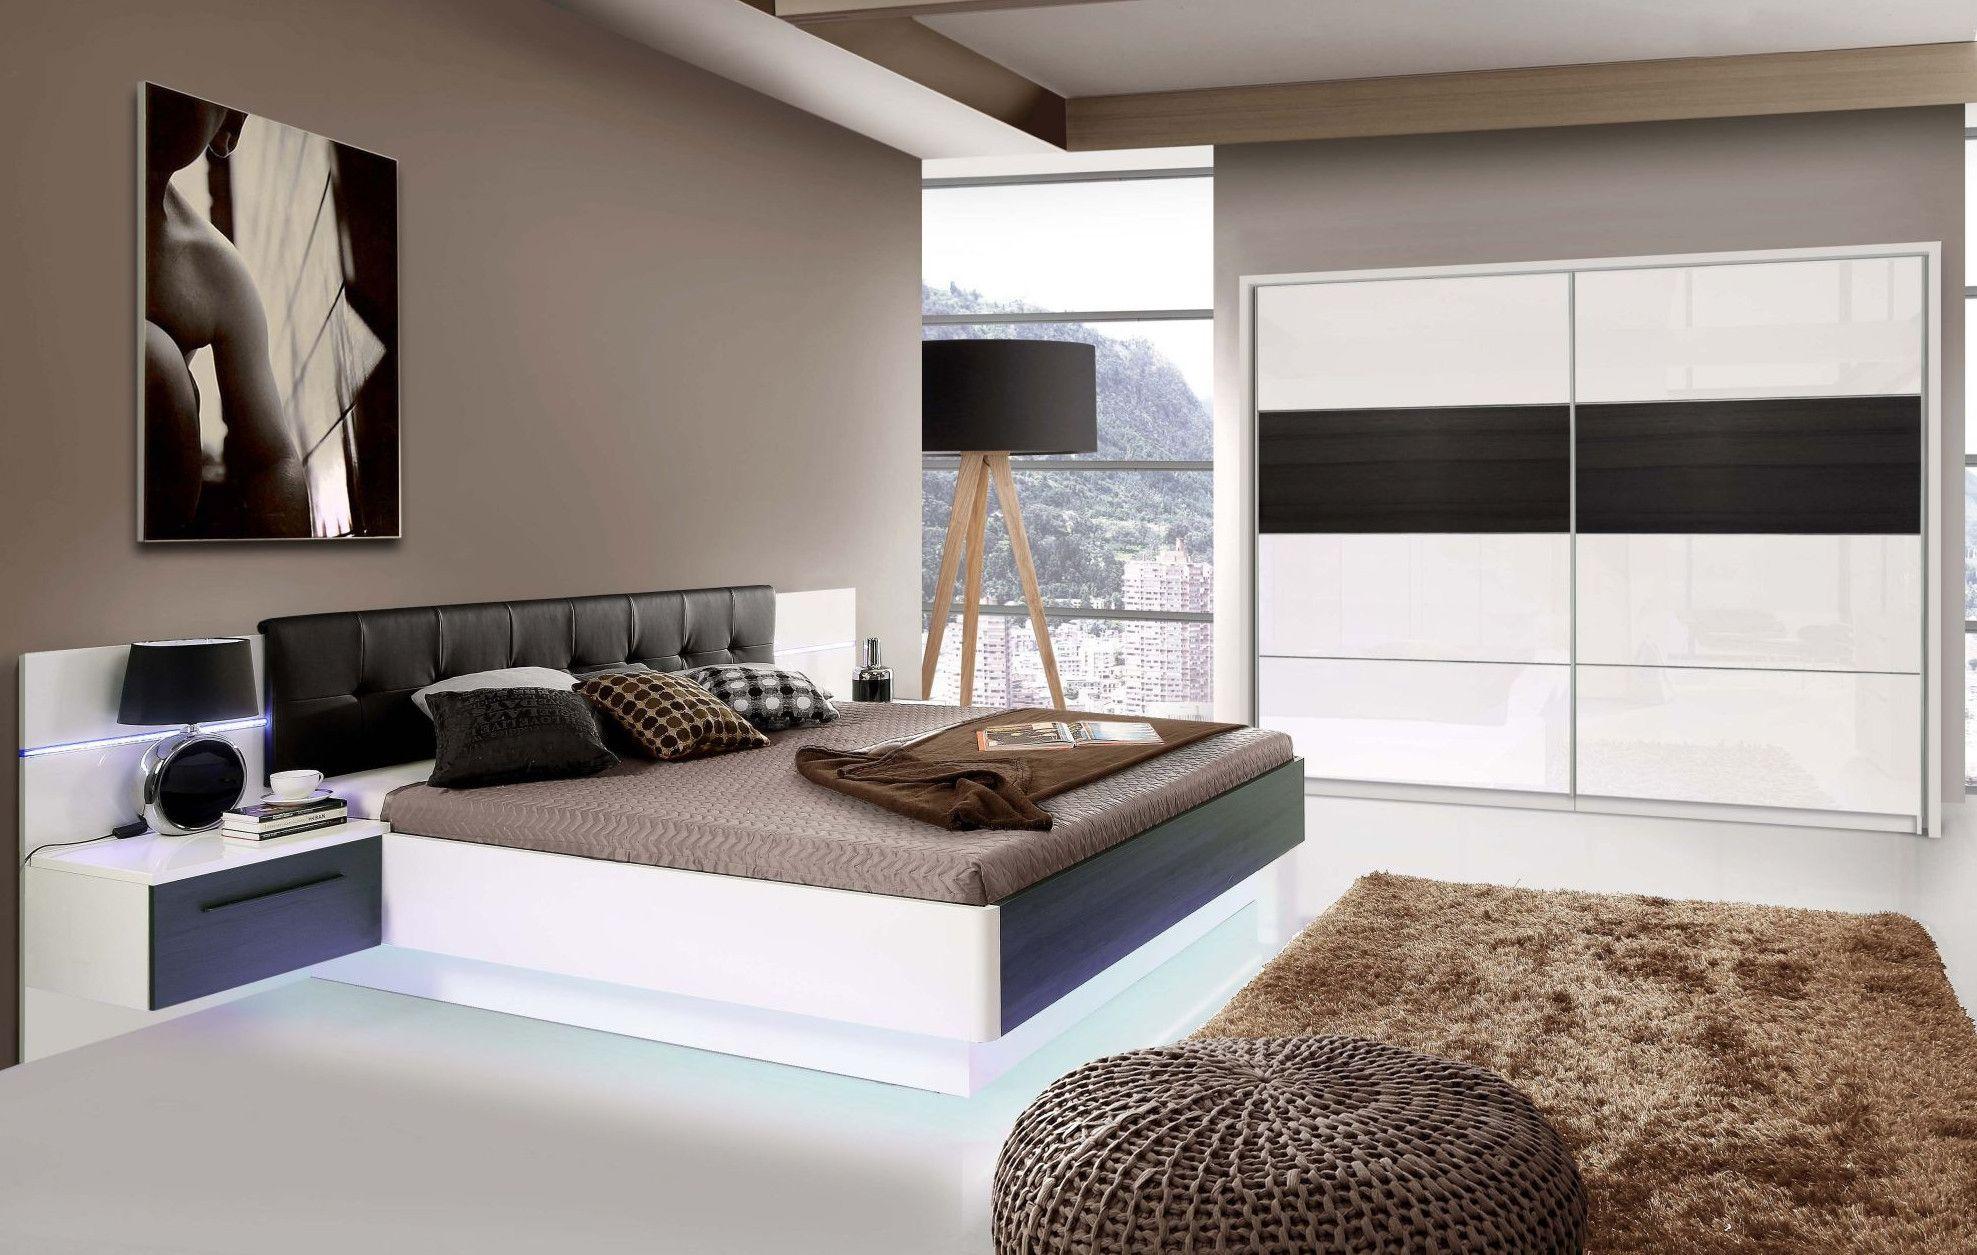 Schlafzimmer Mit Bett 180 X 200 Cm Weiss Hochglanz/ Schwarz Eiche Woody  77 00660 Holz Modern Jetzt Bestellen Unter: ...